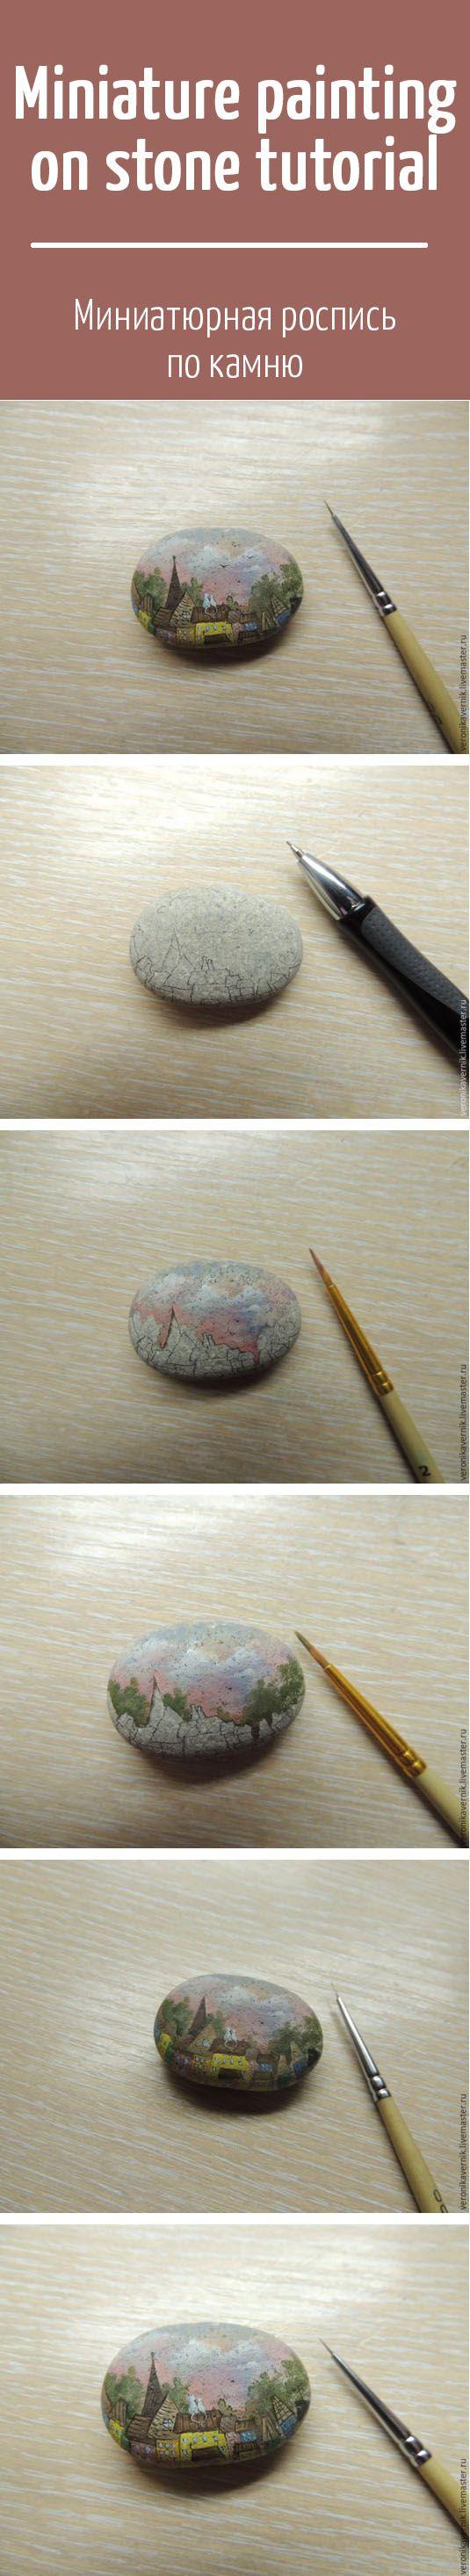 Miniature painting on stone tutorial / Миниатюрная роспись масляными красками по камню: «Рассвет» Ну что, попробуем? #art #inspiration #handmade